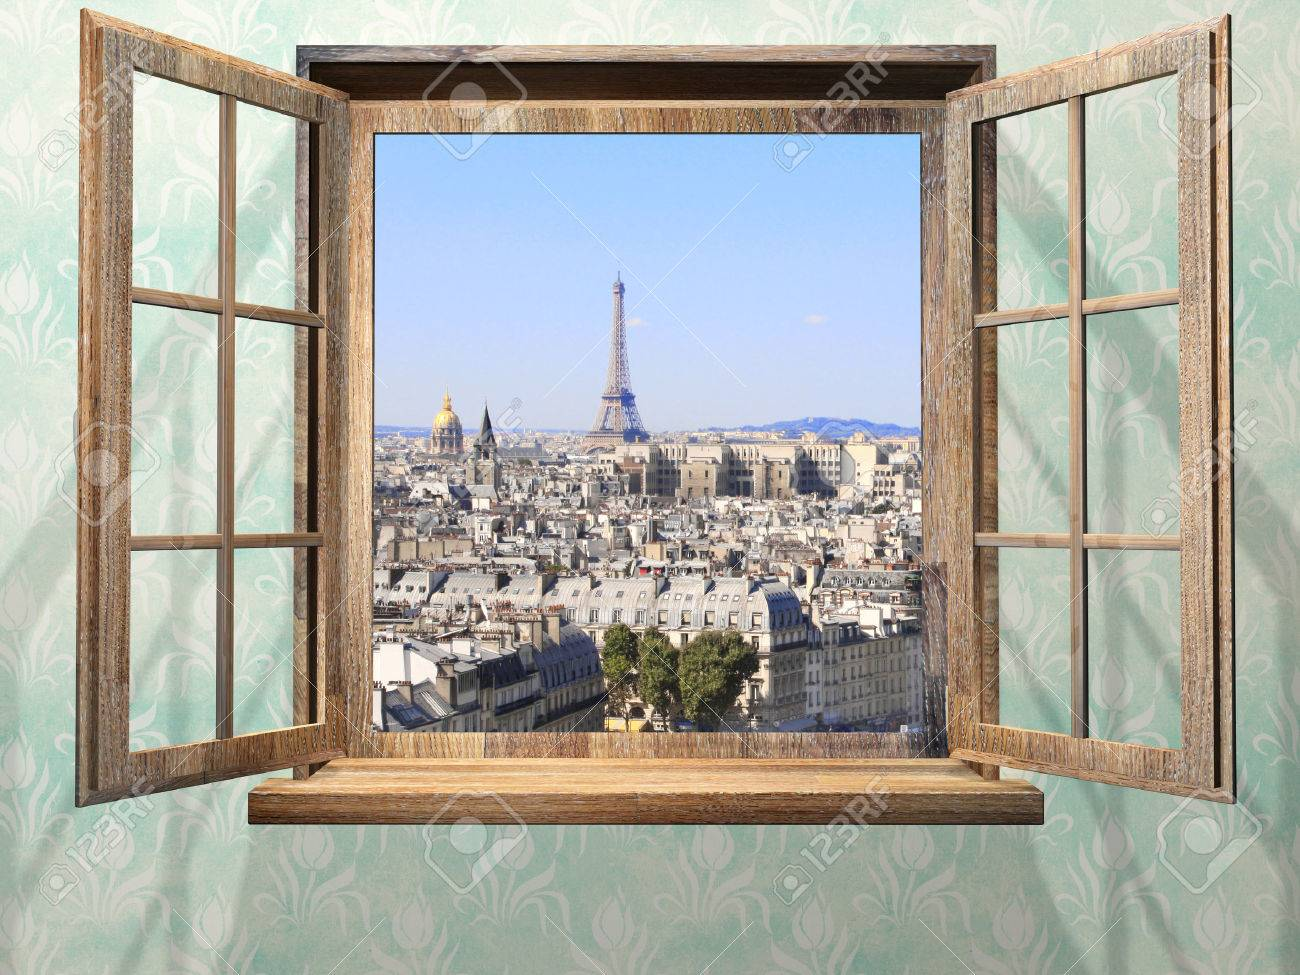 En haut Ouvert Fenêtre Et Vue Sur La Tour Eiffel En Bois, Paris. Banque D &XA_13